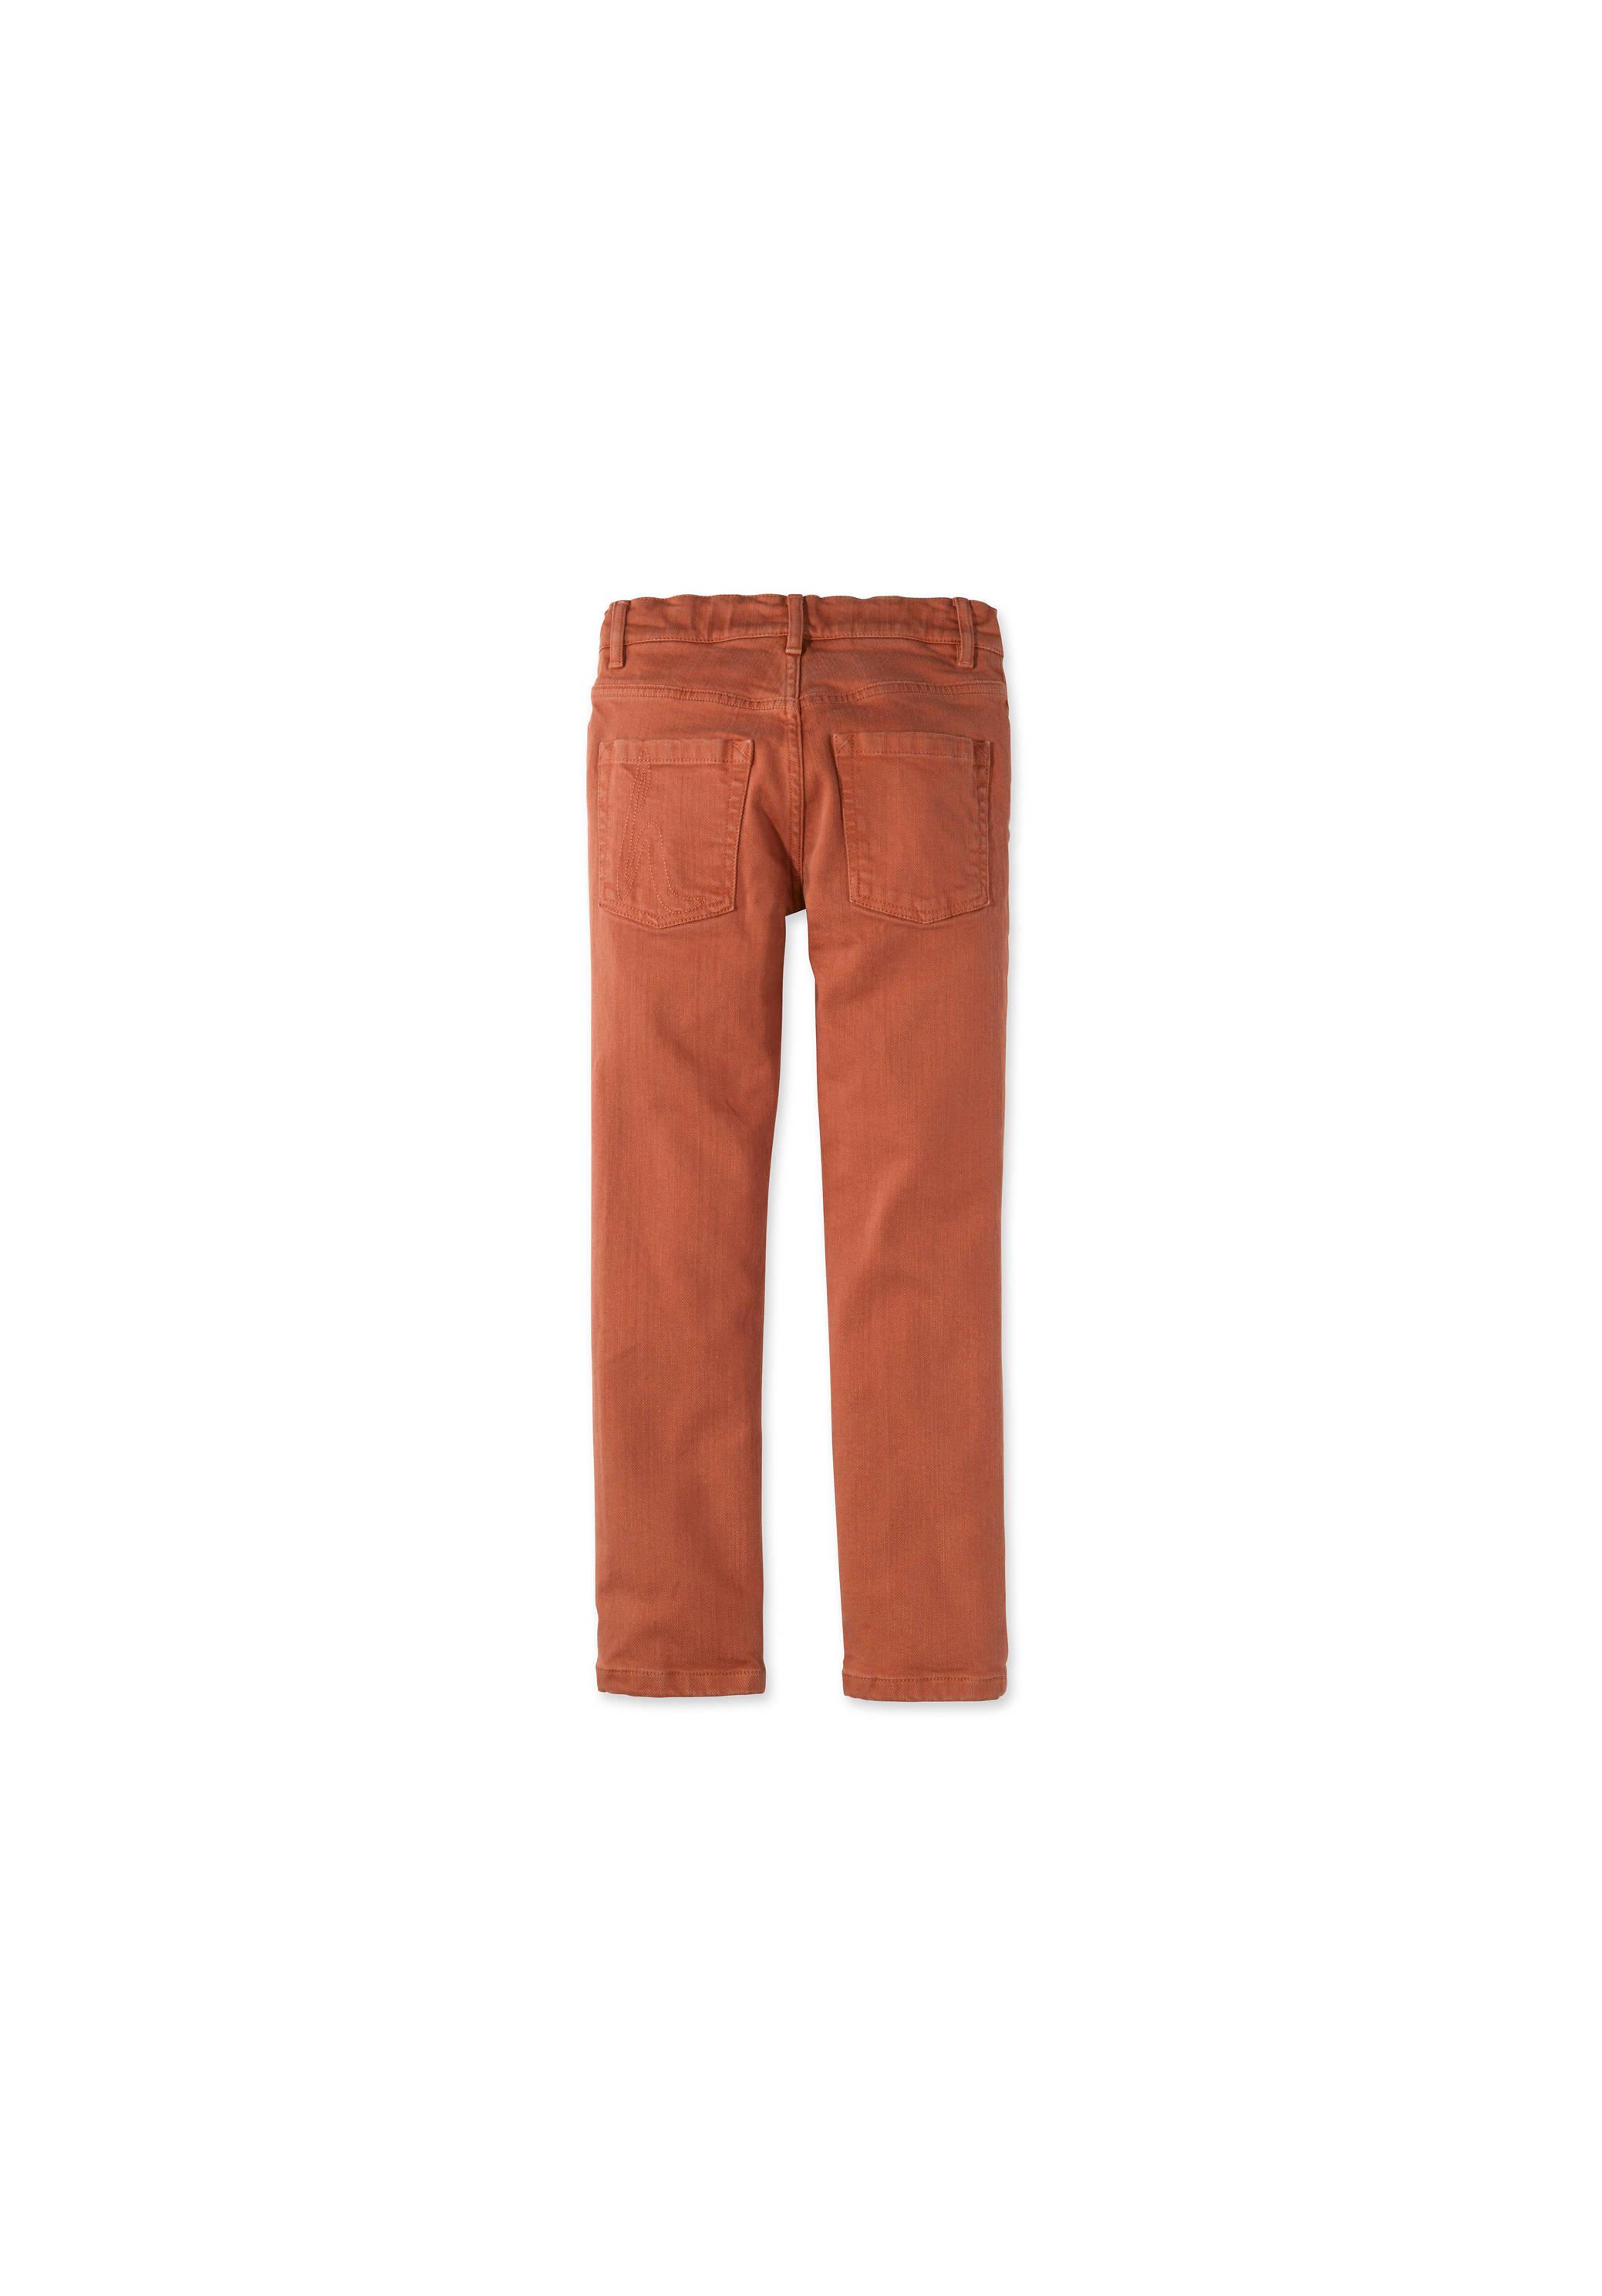 farbige jeans aus baumwolle mit elasthan hessnatur deutschland. Black Bedroom Furniture Sets. Home Design Ideas